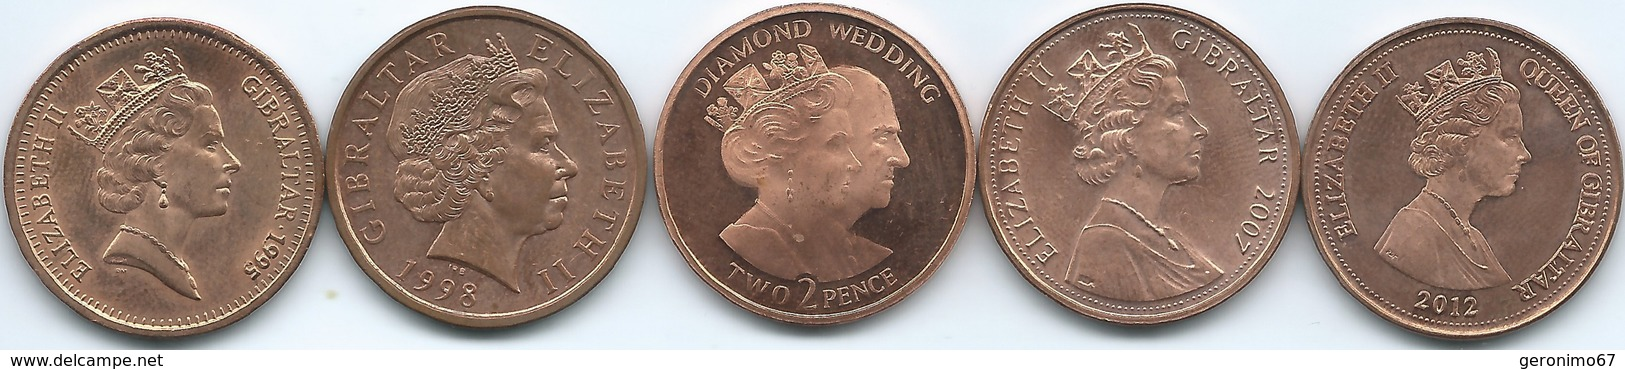 Gibraltar - 2 Pence - 1995 (KM21a) 1998 (KM774) 2007 - Diamond Wedding (KM1080) Operation Torch (KM1065) 2012 (KM1942) - Gibraltar